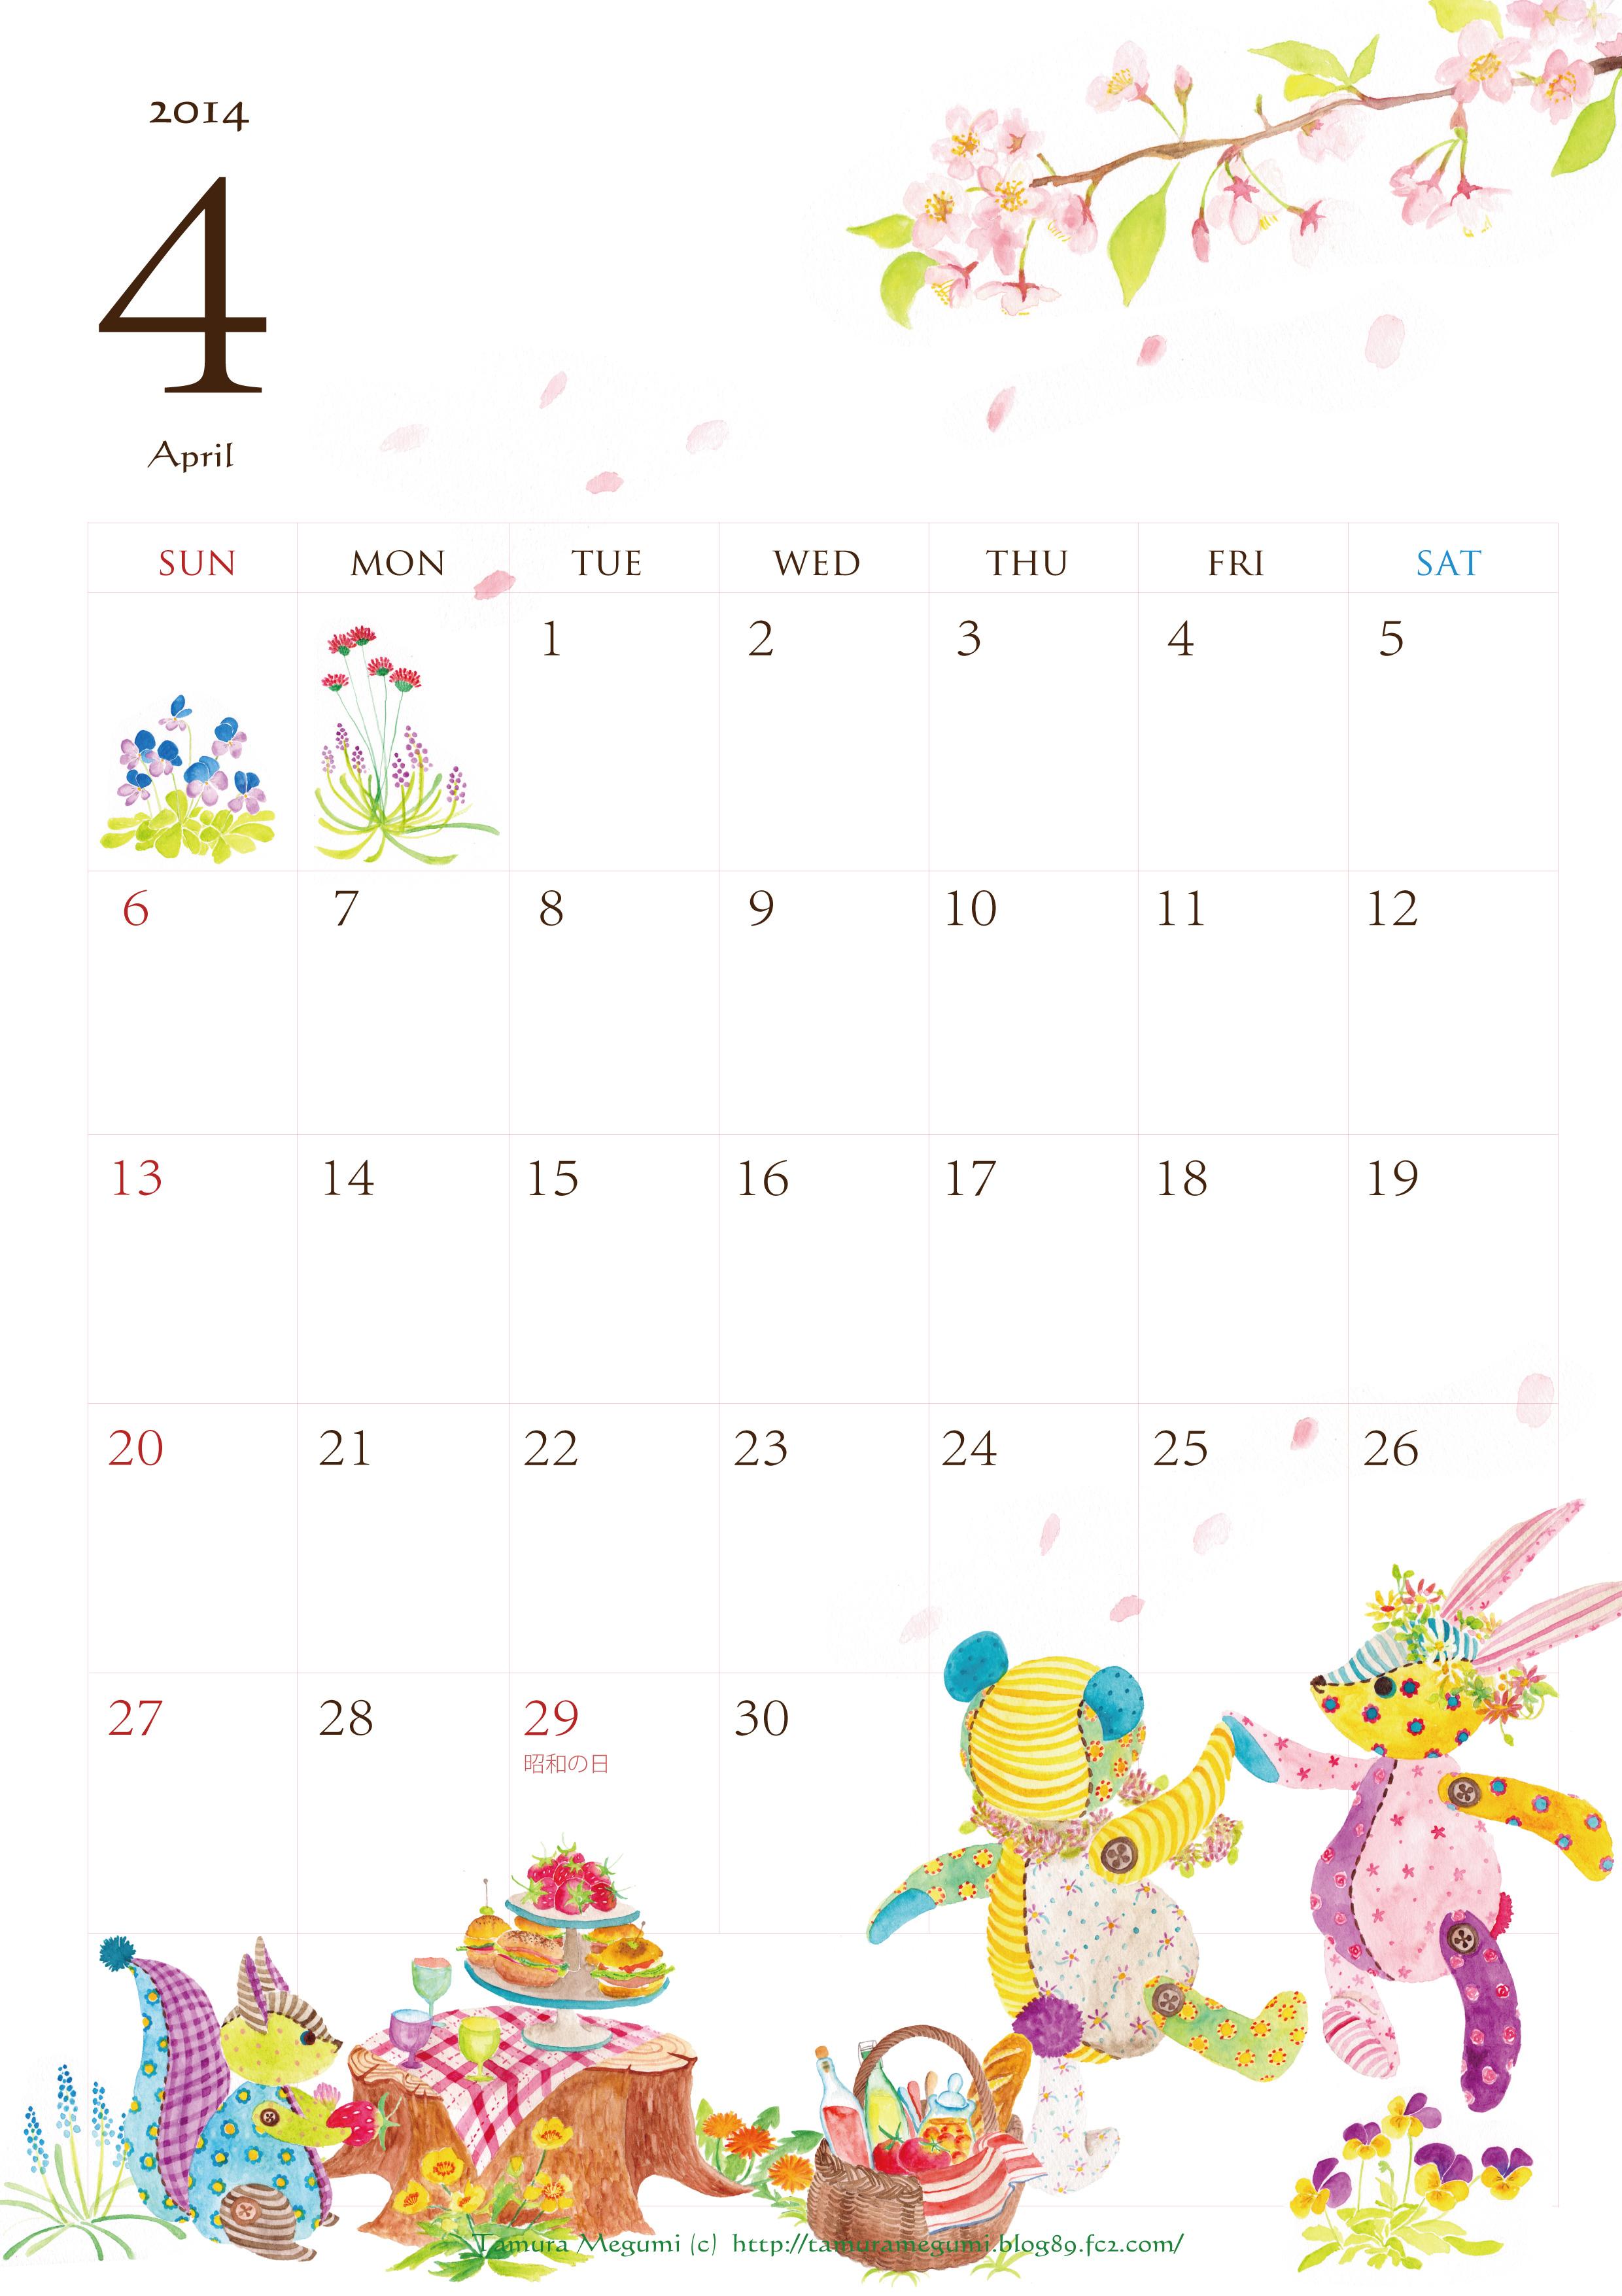 カレンダー 4月カレンダー 2014 : 2014年4月 カレンダー A4サイズ ...